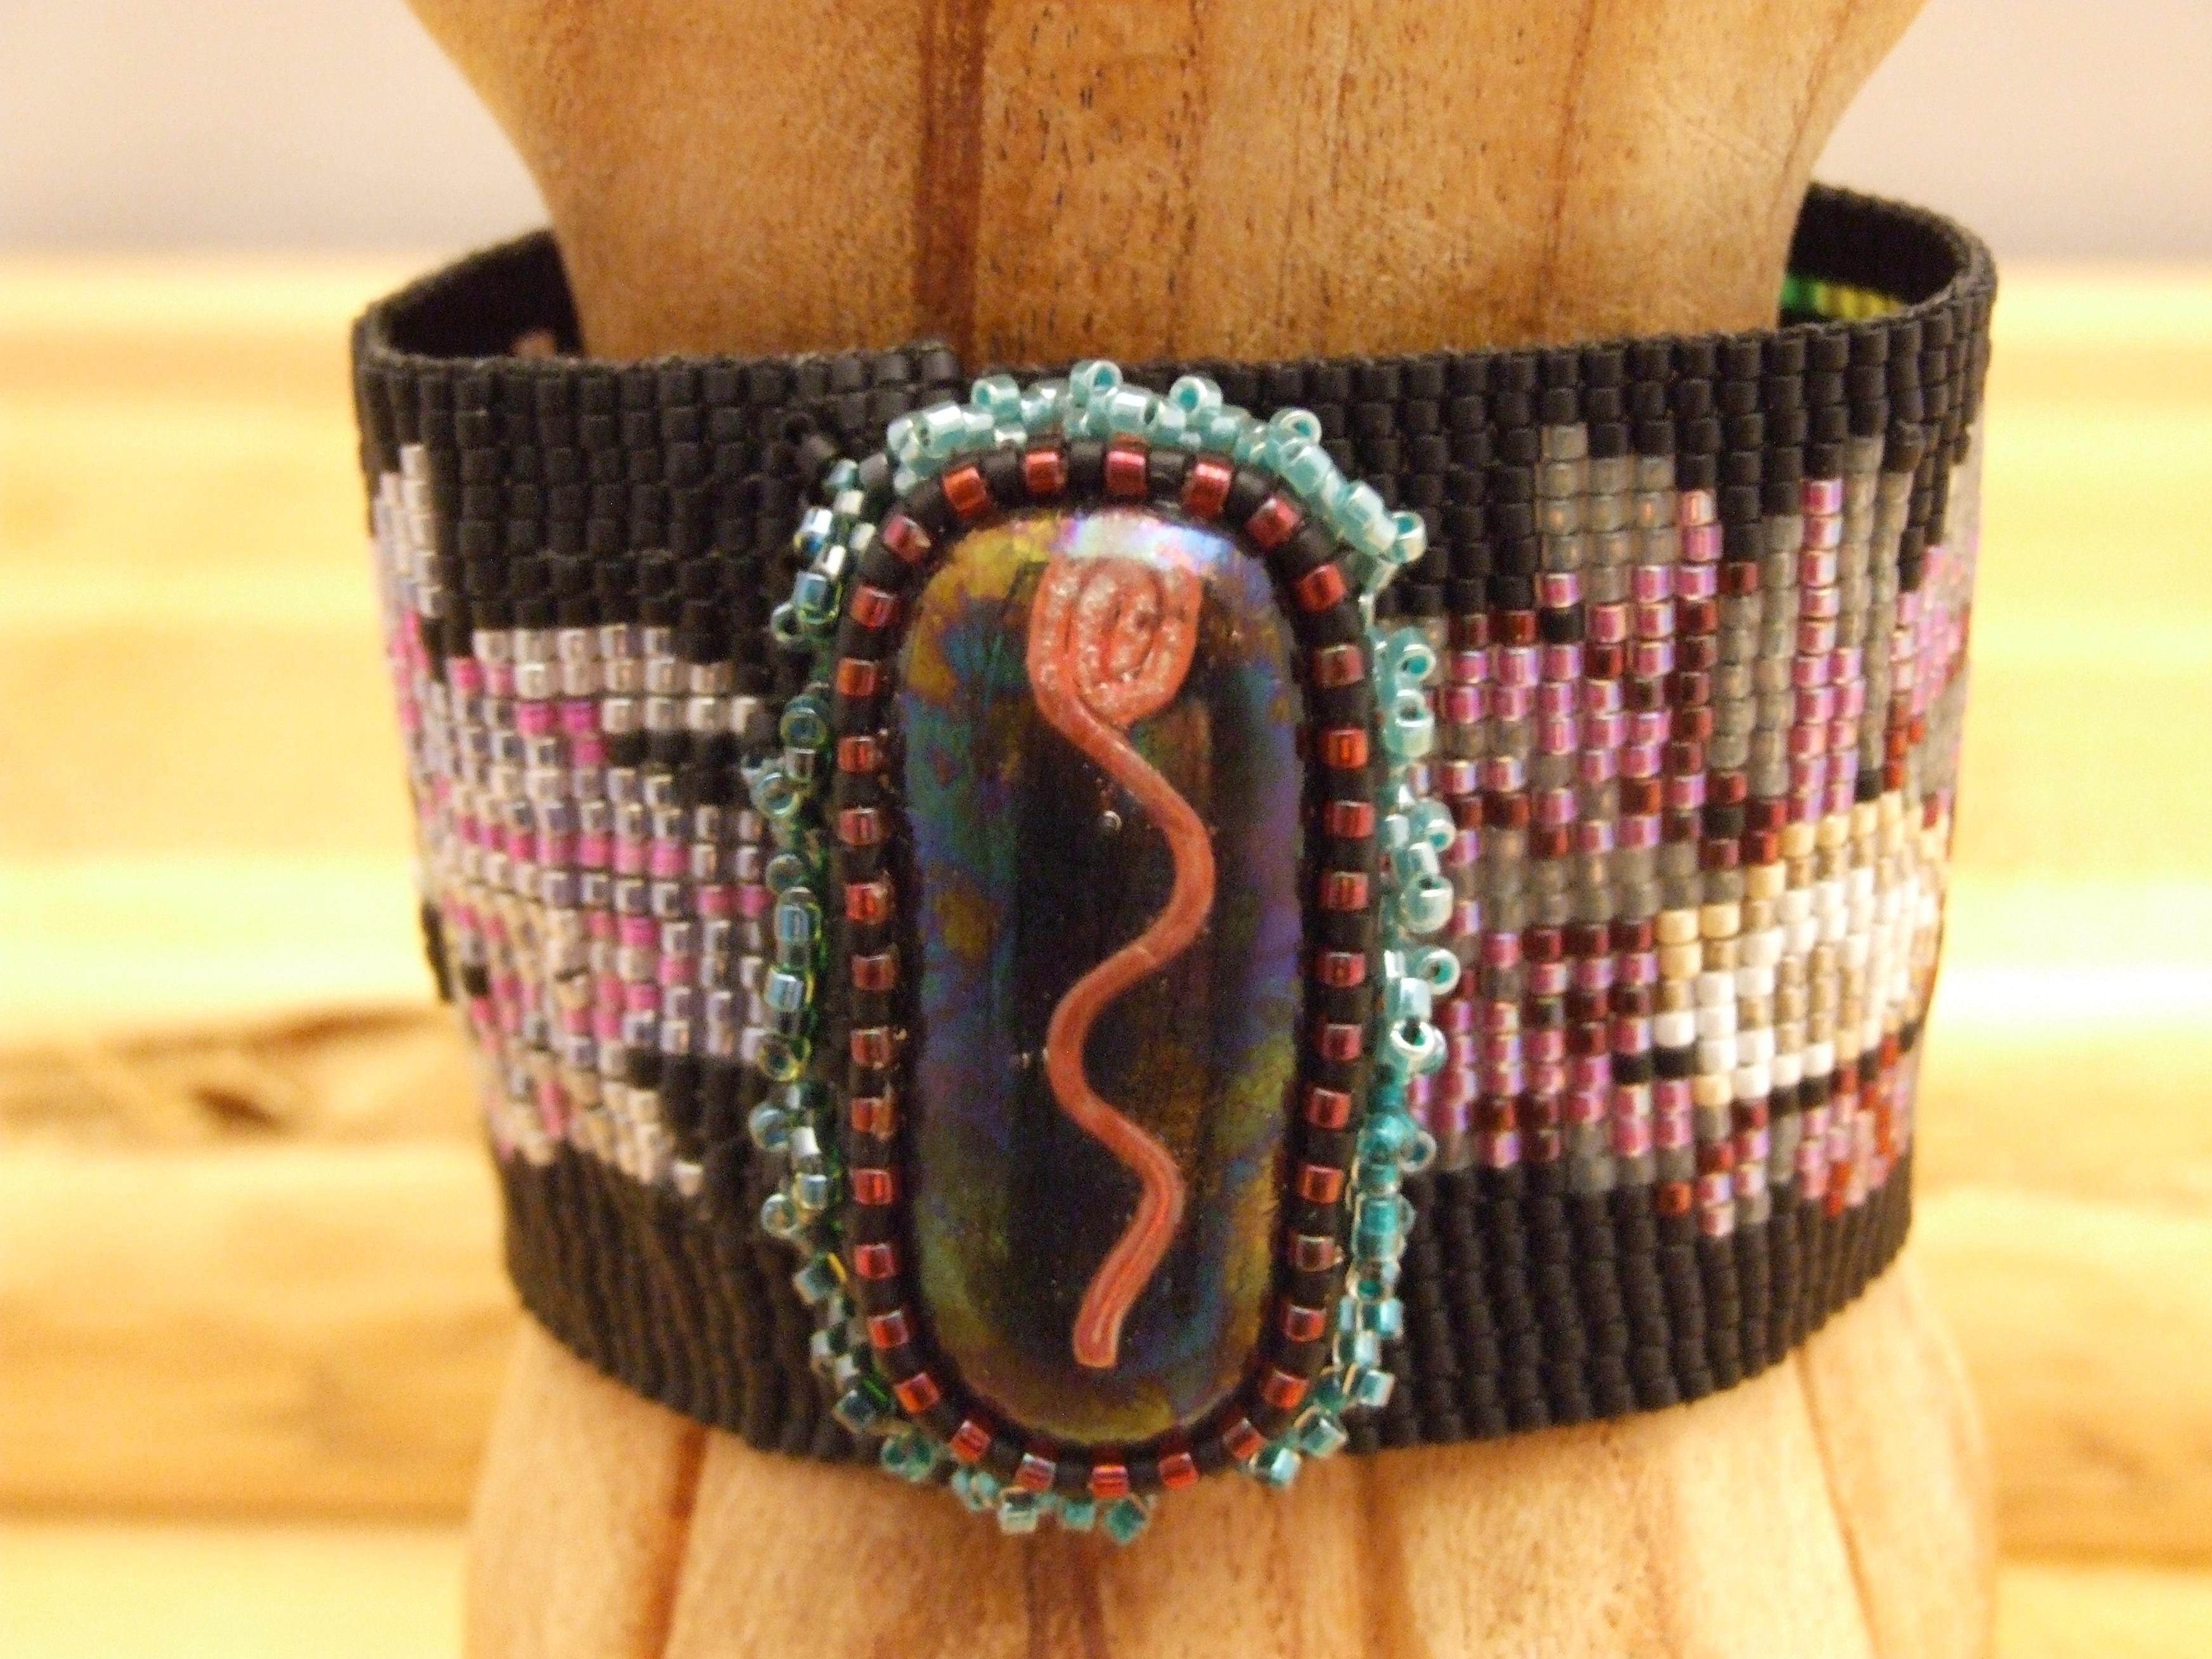 Flower Blossom Loom Woven Bracelet